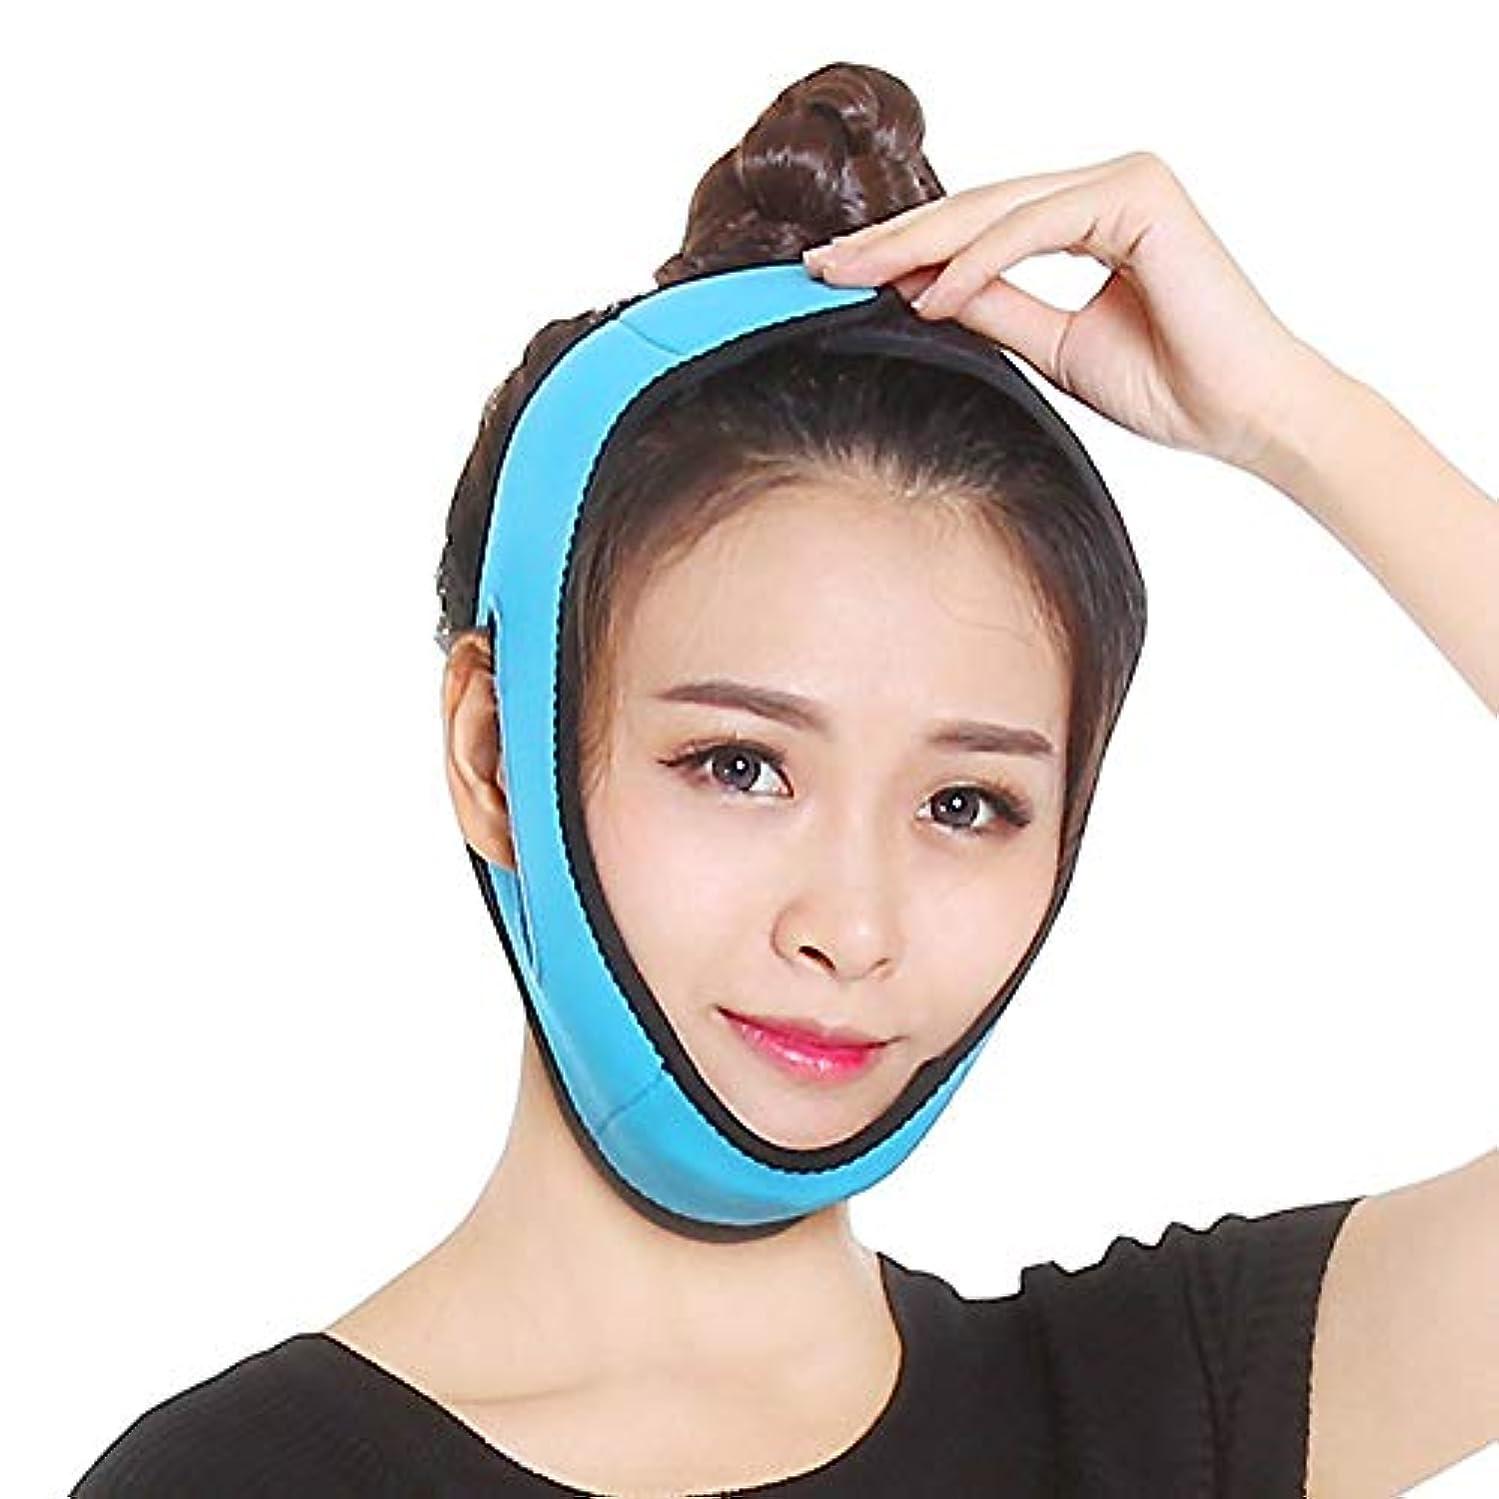 ラテックスマッサージフェイスマスク、スモールVフェイスアーティファクト/薄型フェイスマスク/リフティングダブルチンマスターマッスルパターン(ブルー)